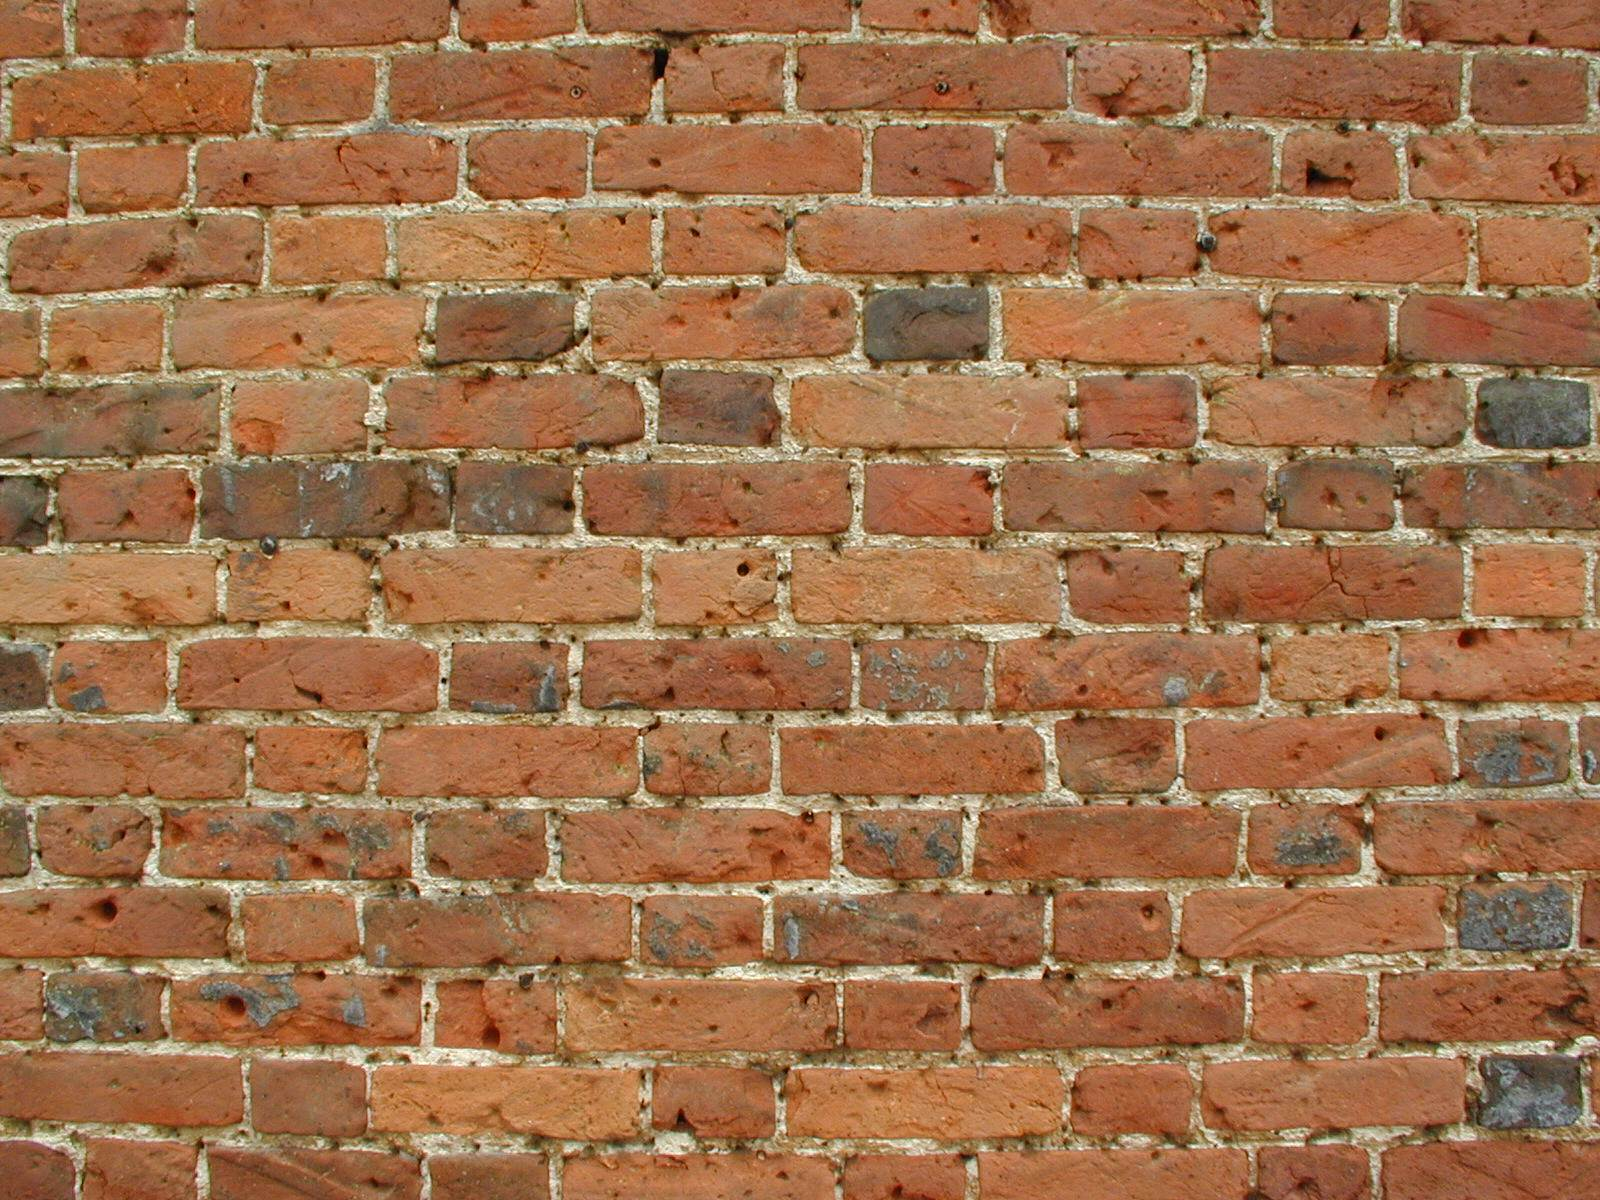 1600, 1200, brick wall2